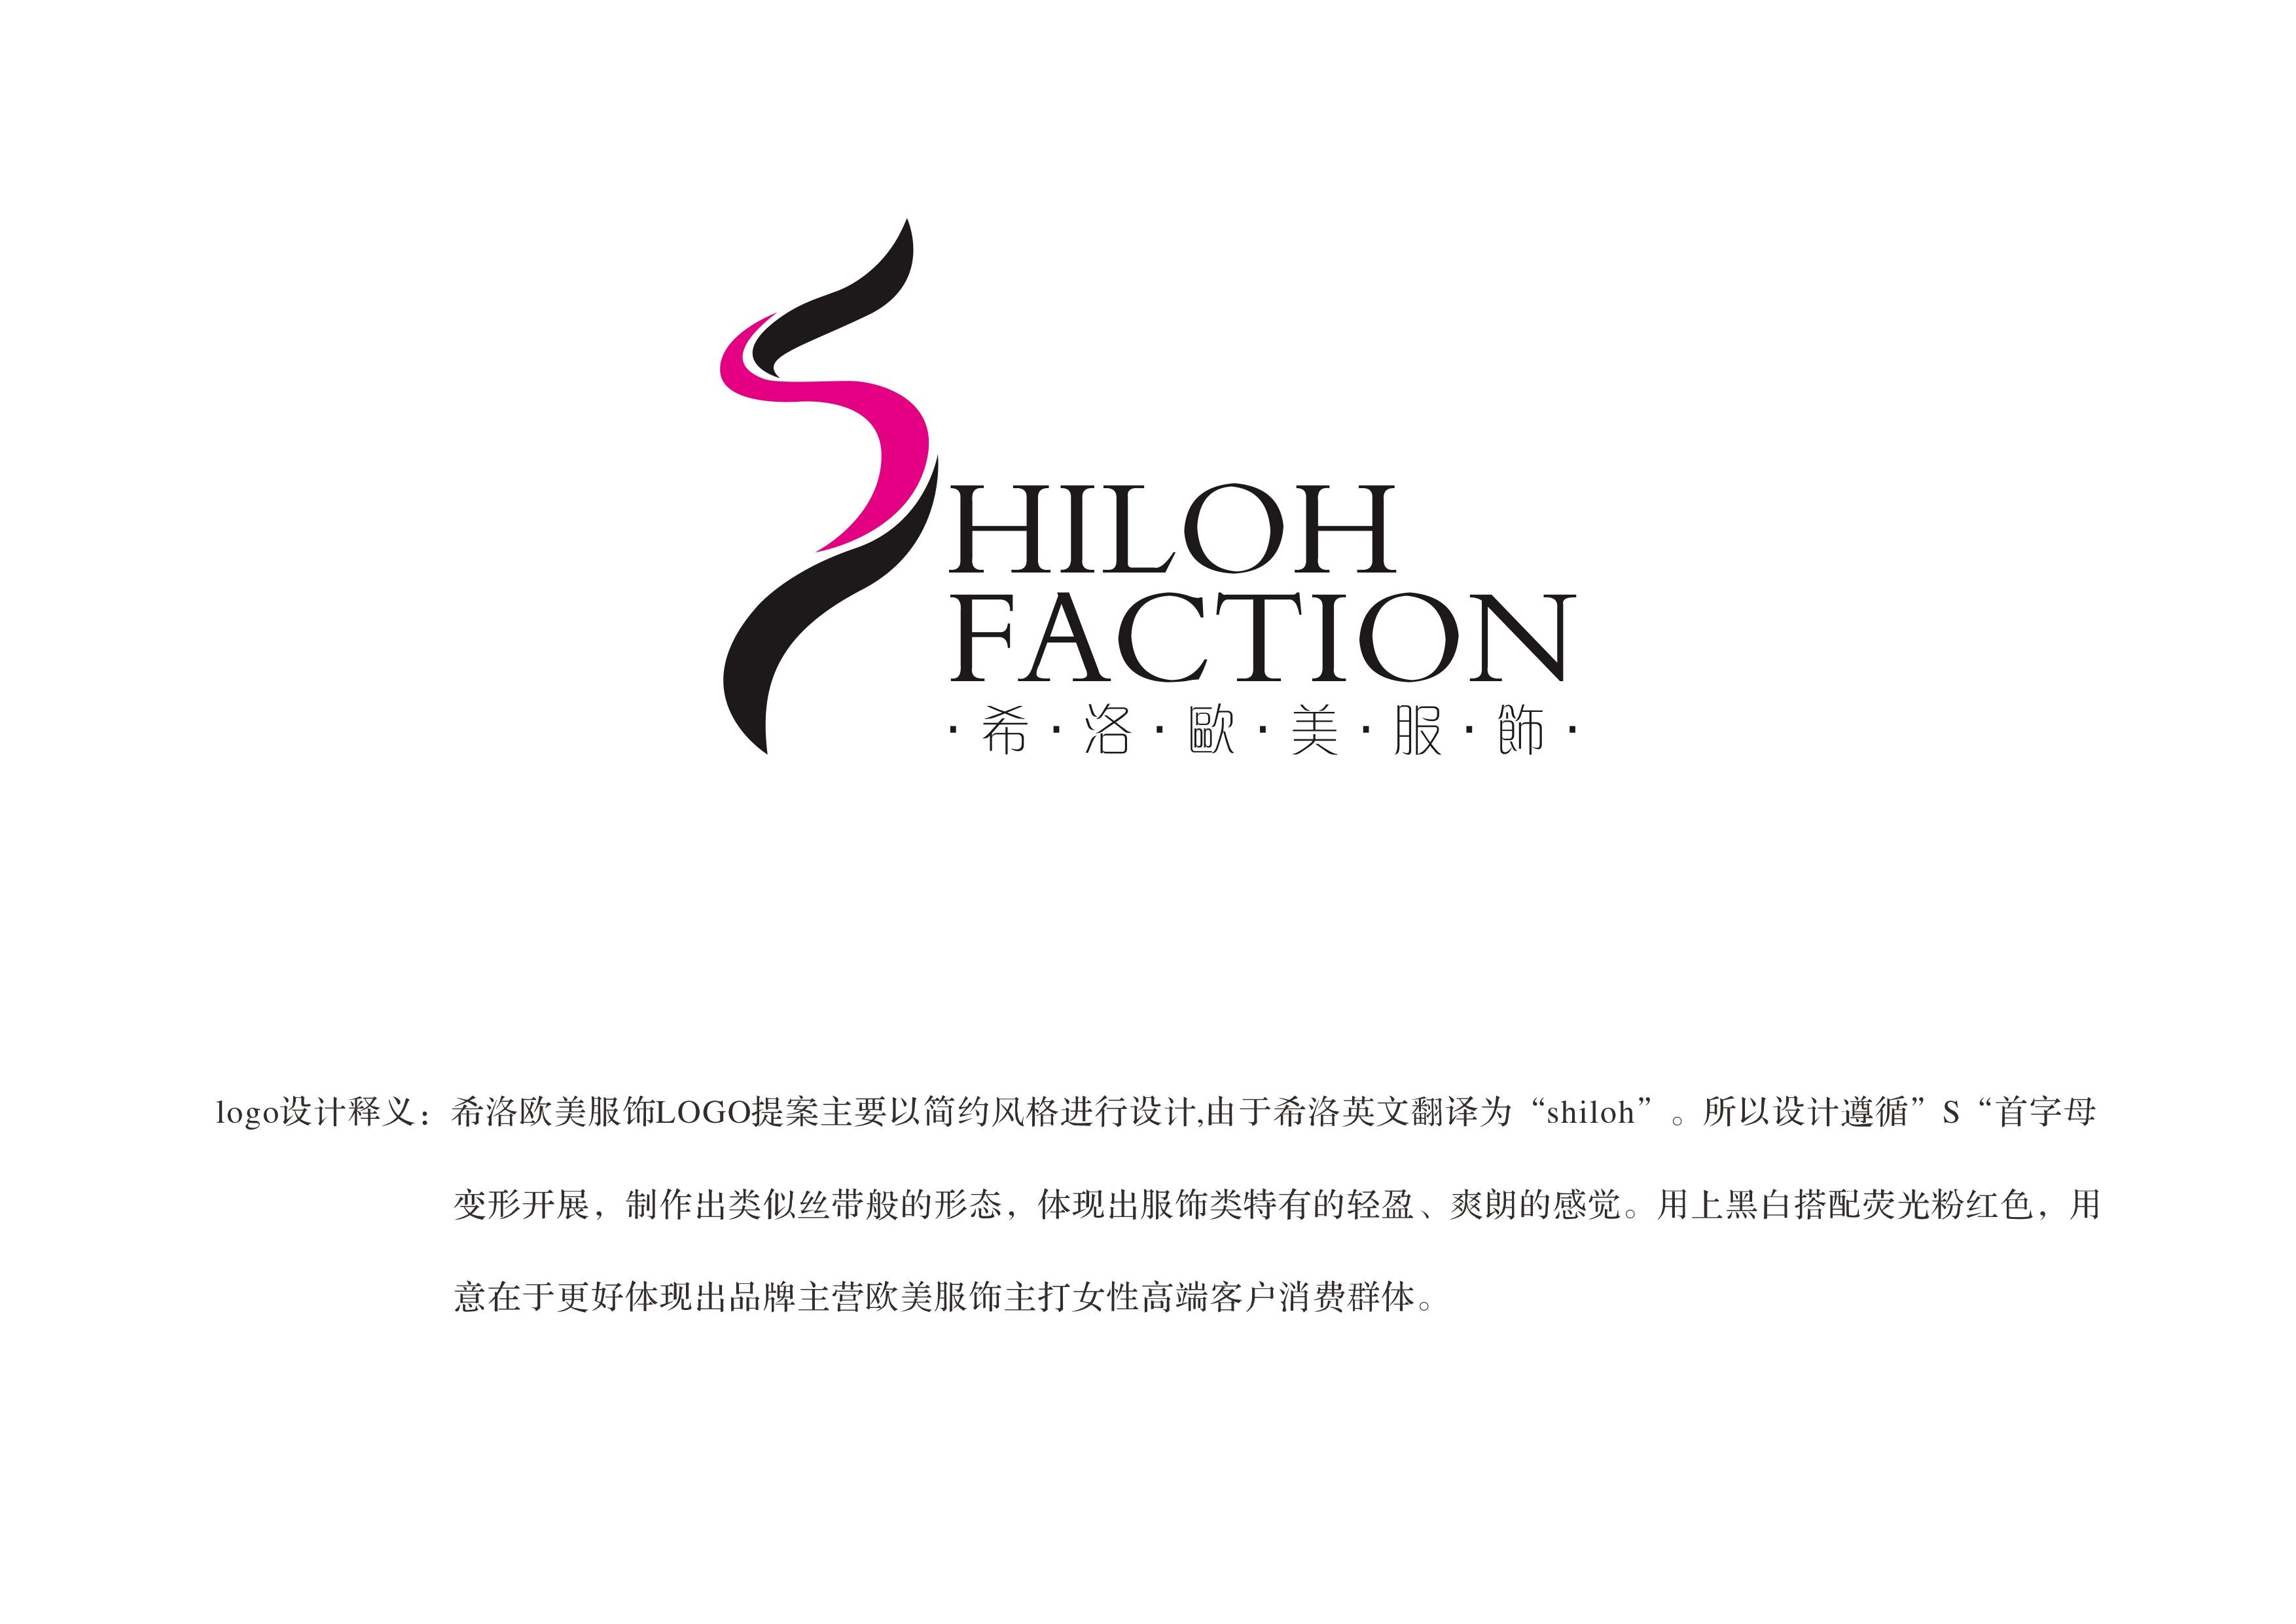 欧美女装品牌logo设计图片